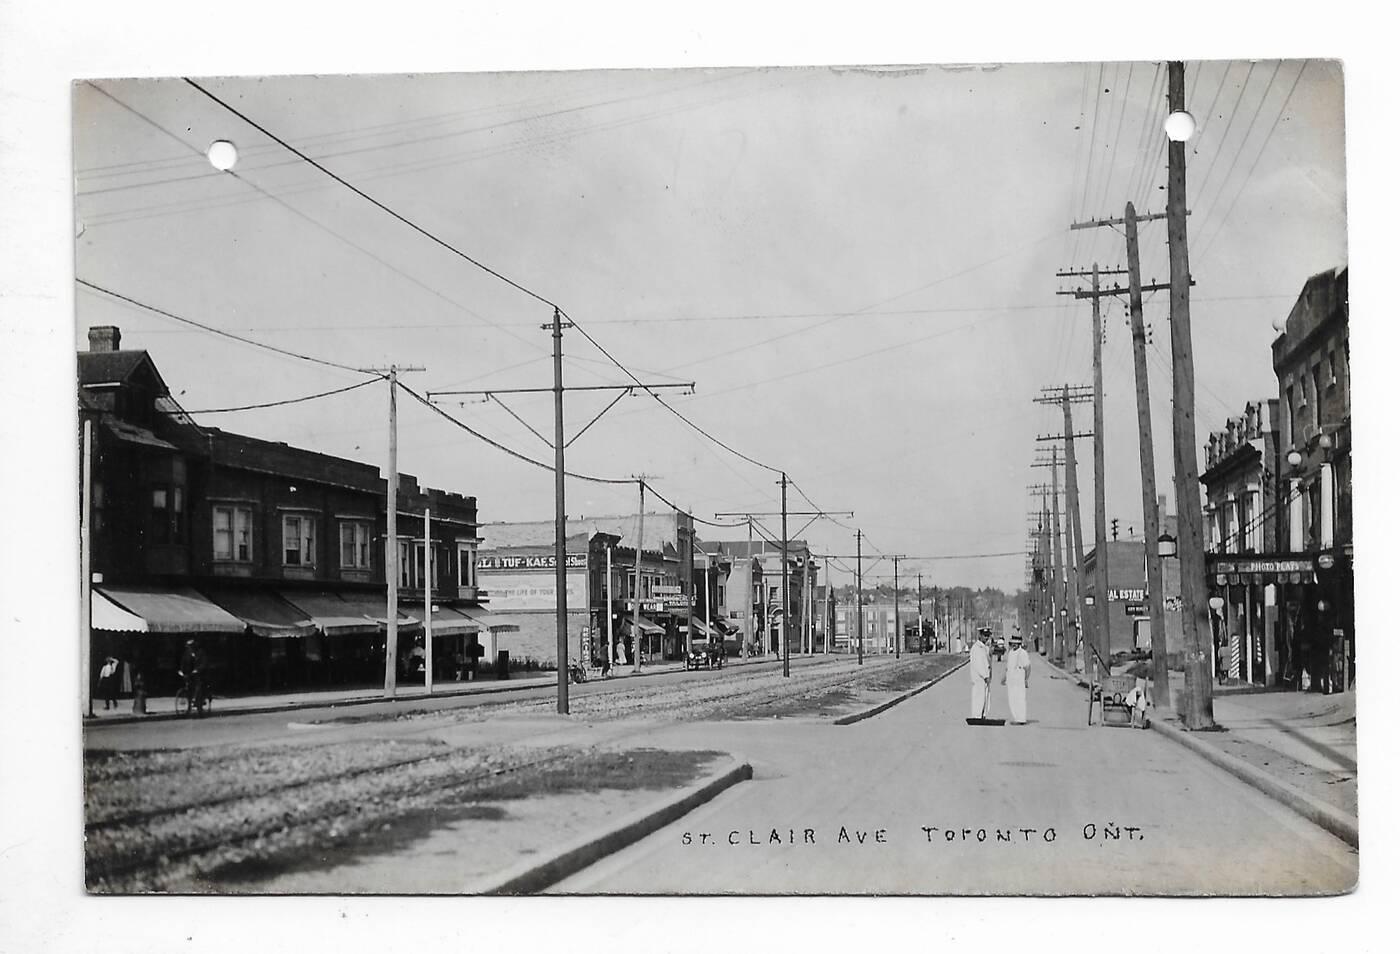 st clair west 1916